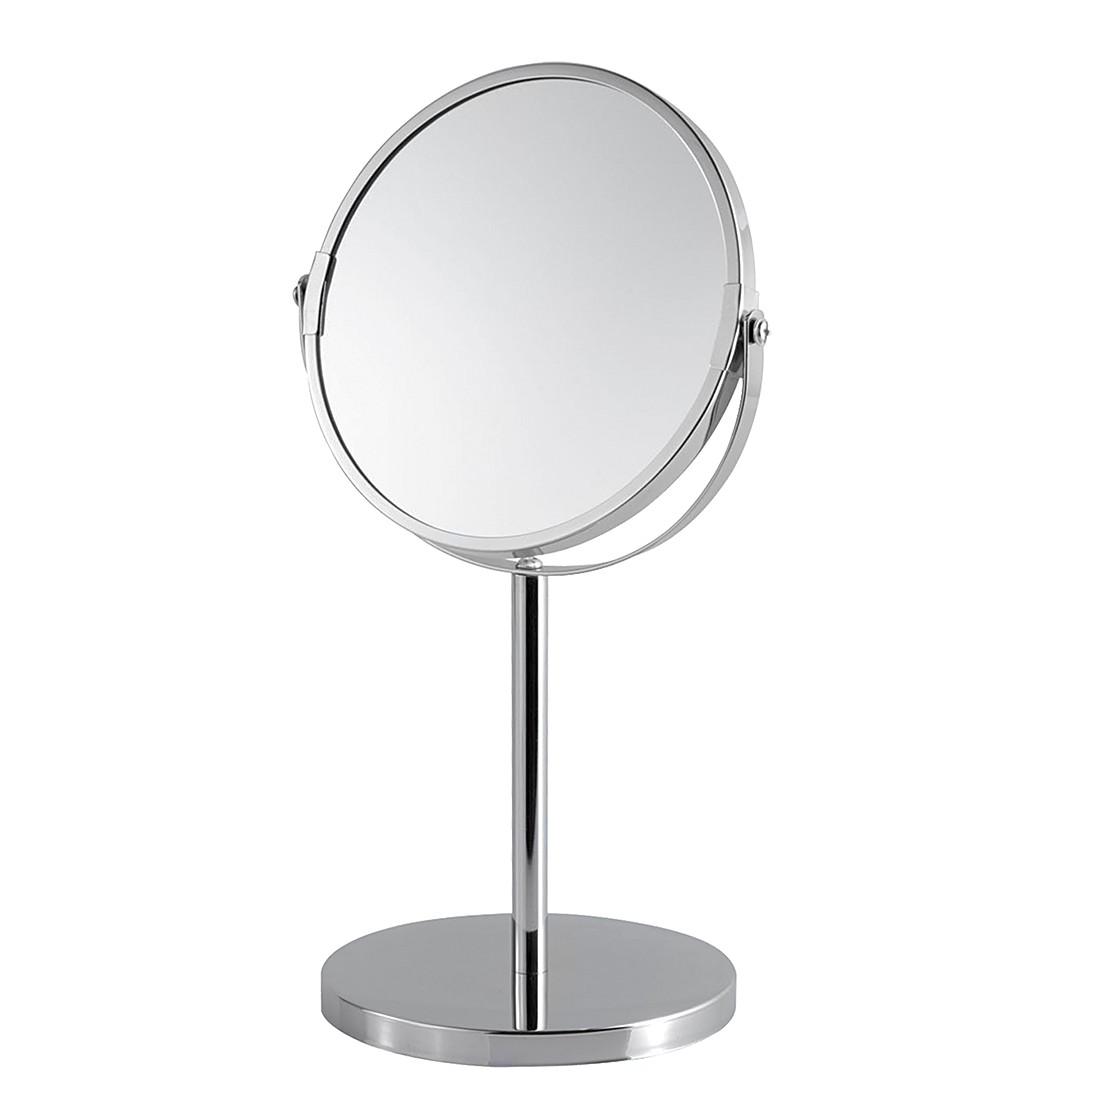 Staande spiegel Karla   chroomkleurig 5 voudige vergroting_ Sanwood